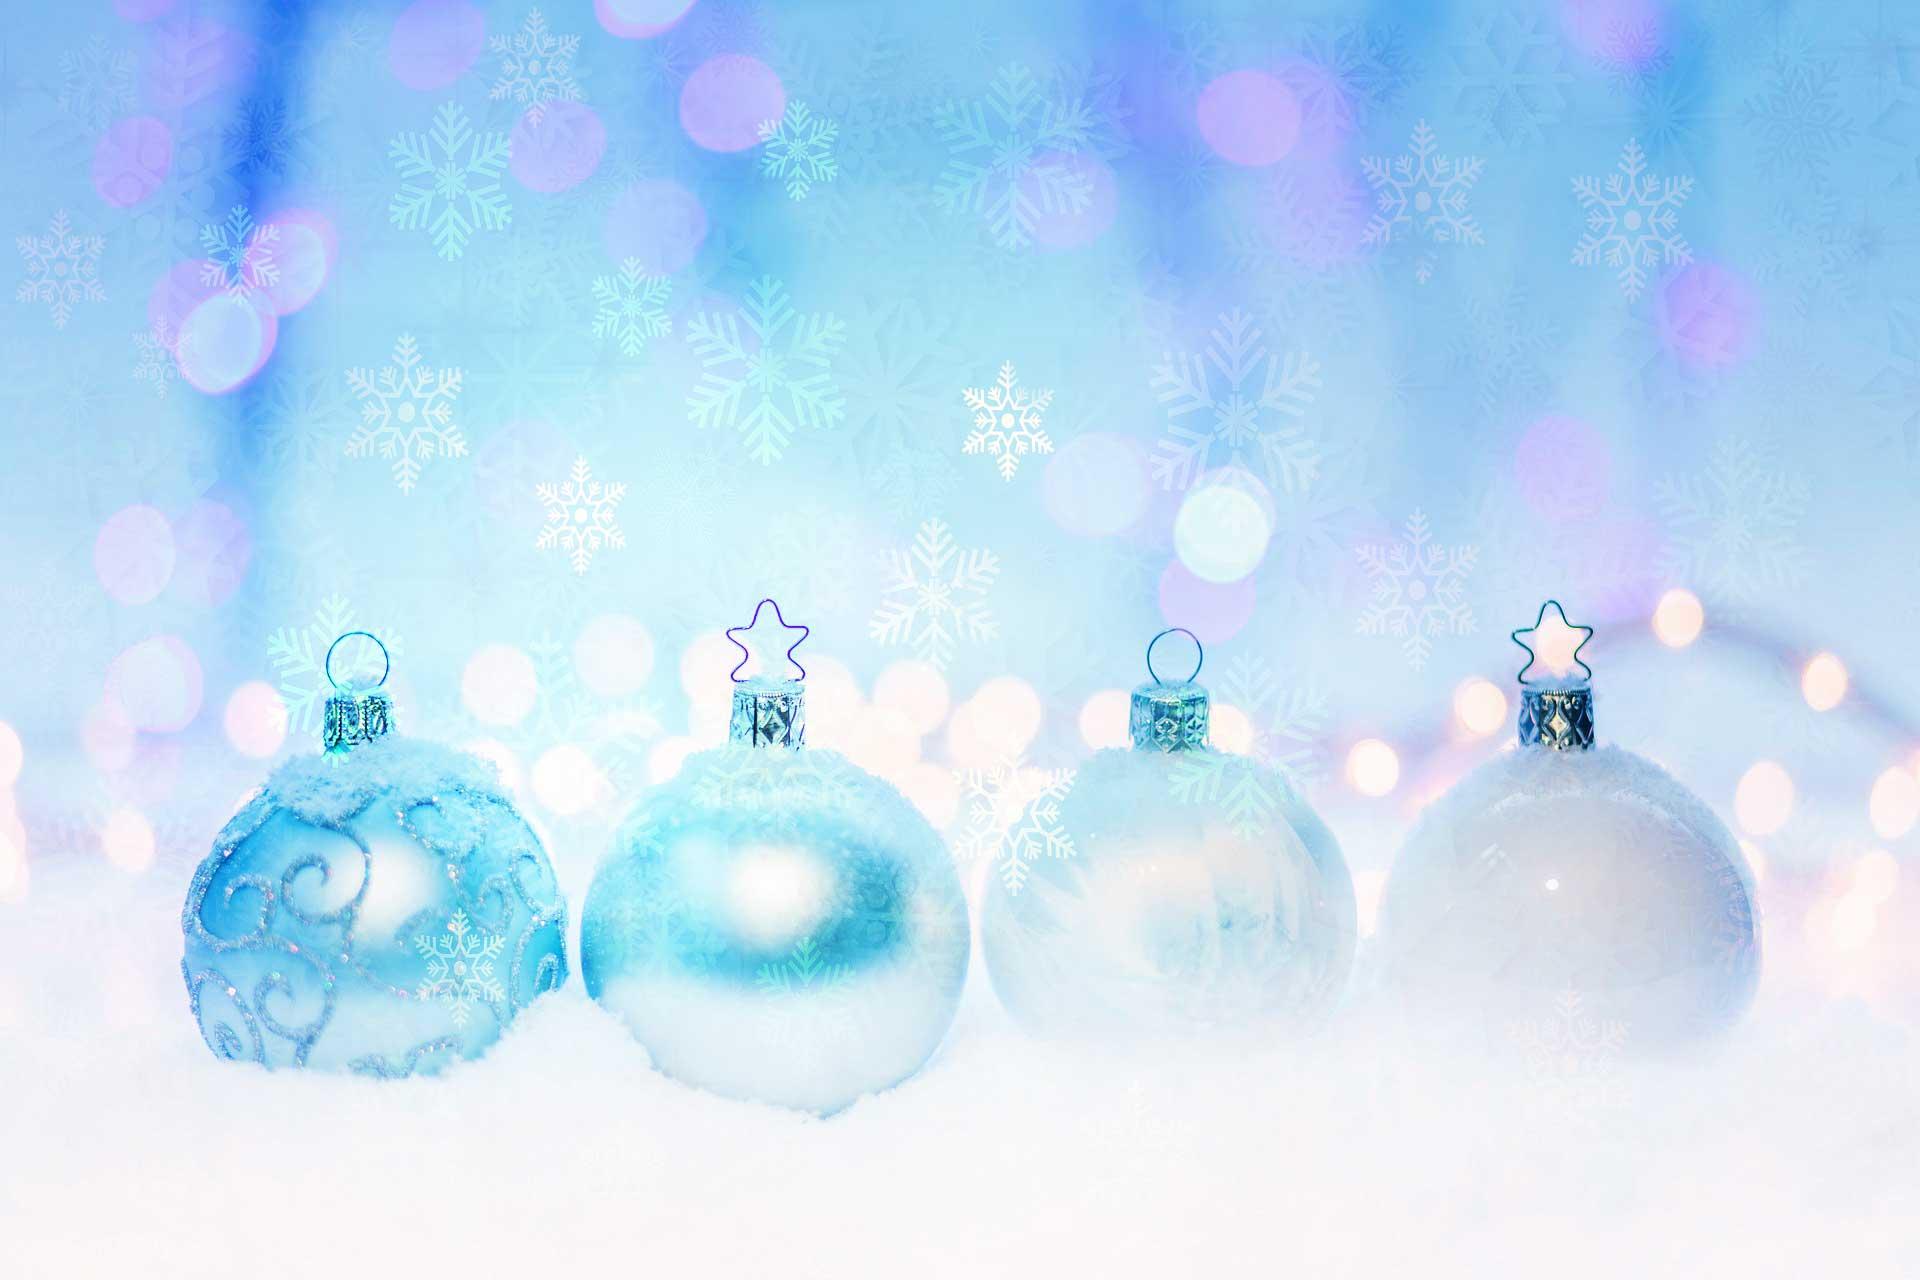 クリスマスの恋が叶う待ち受け画像 スマホ 携帯 絶対叶う強力即効のおまじない 恋愛も願いも叶うおまじない 魔術 占い 潜在意識